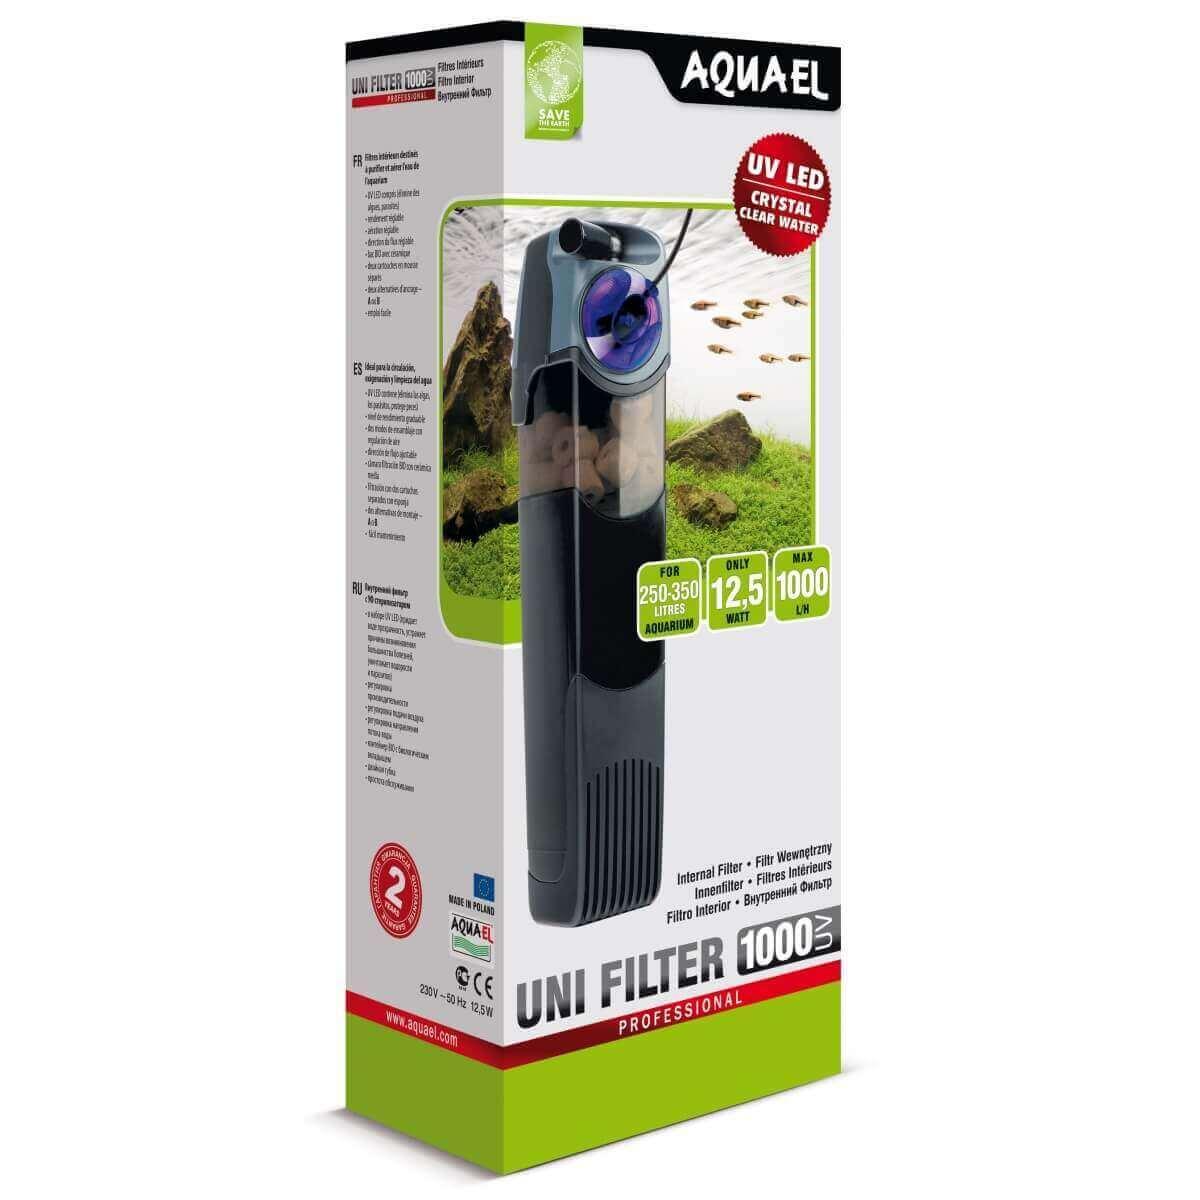 Aquael Unifilter UV 1000 Aquarium Innenfilter Filter Aquariumfilter UVfilter UVC